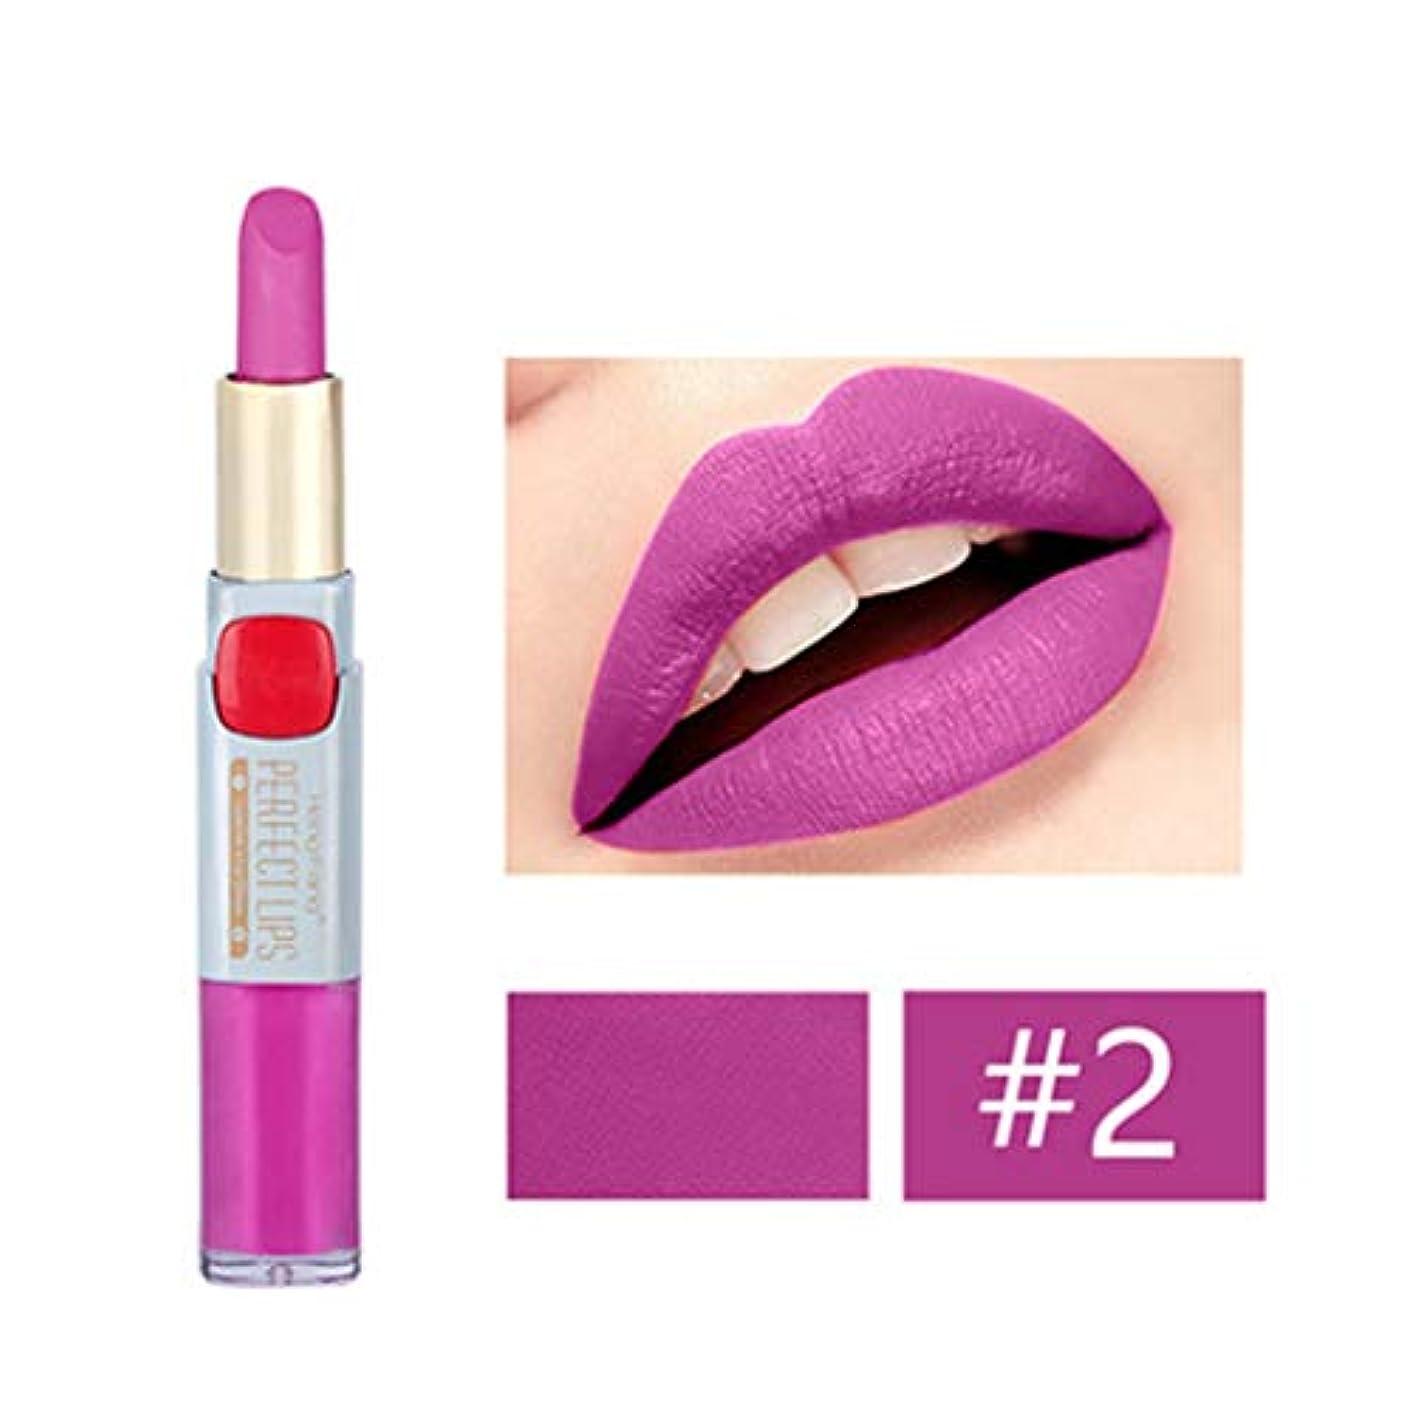 翻訳手首まもなくKimyuo 2つ1つの長続きがする防水二重頭部の唇の液体の鉛筆のマットの口紅の唇の光沢の化粧品